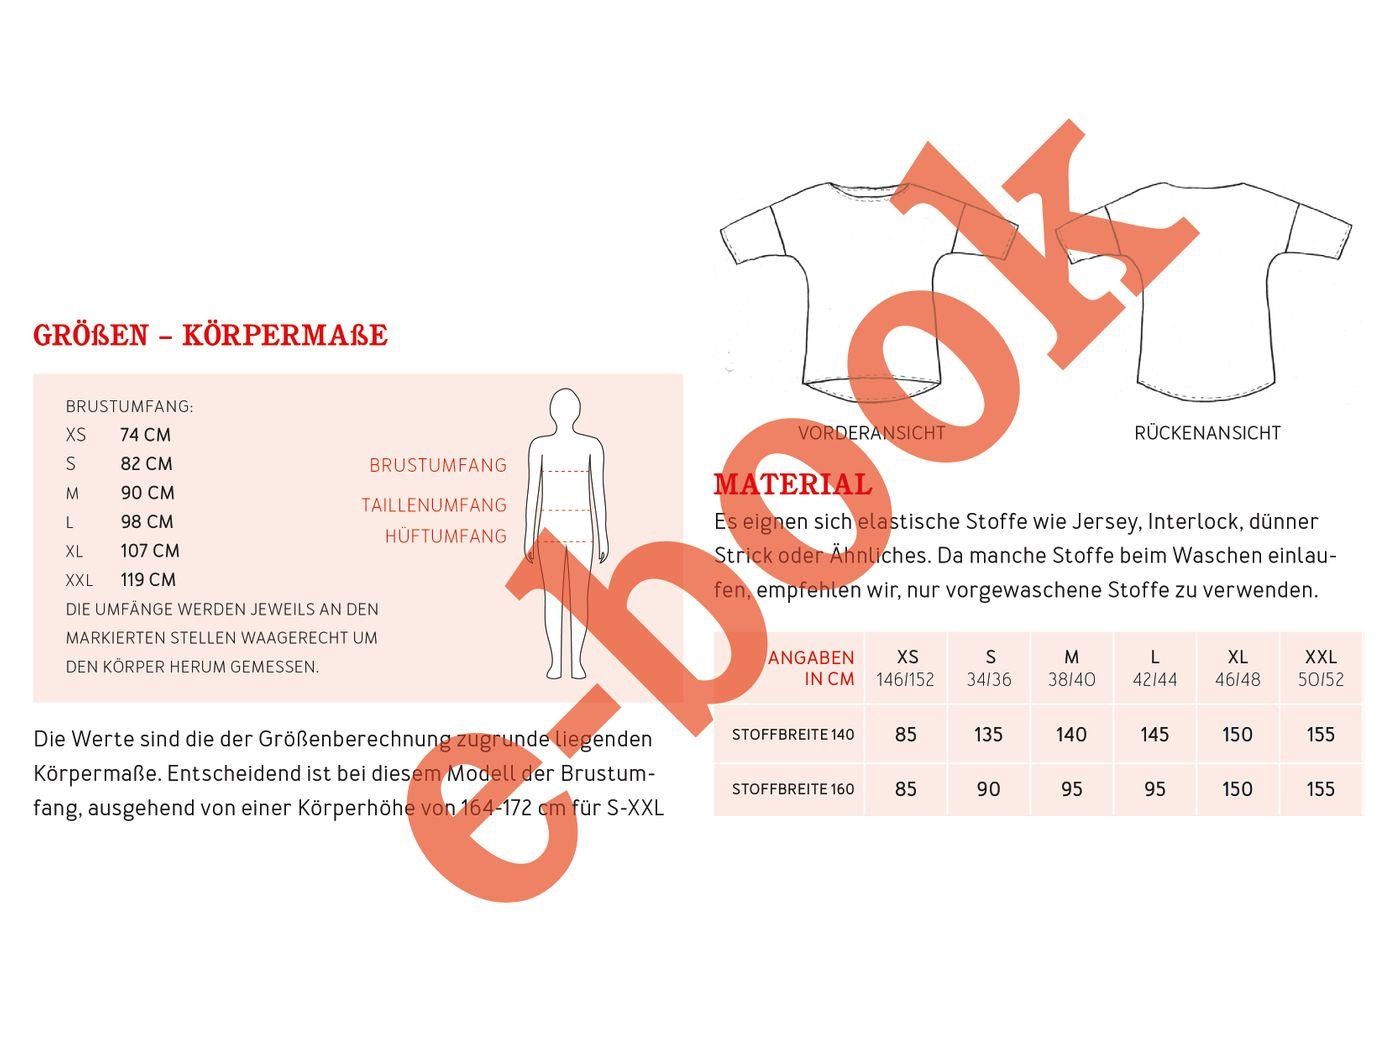 Produktfoto 6 von STUDIO SCHNITTREIF für Schnittmuster FRAU KARLA & KARLA Shirts im Partnerlook